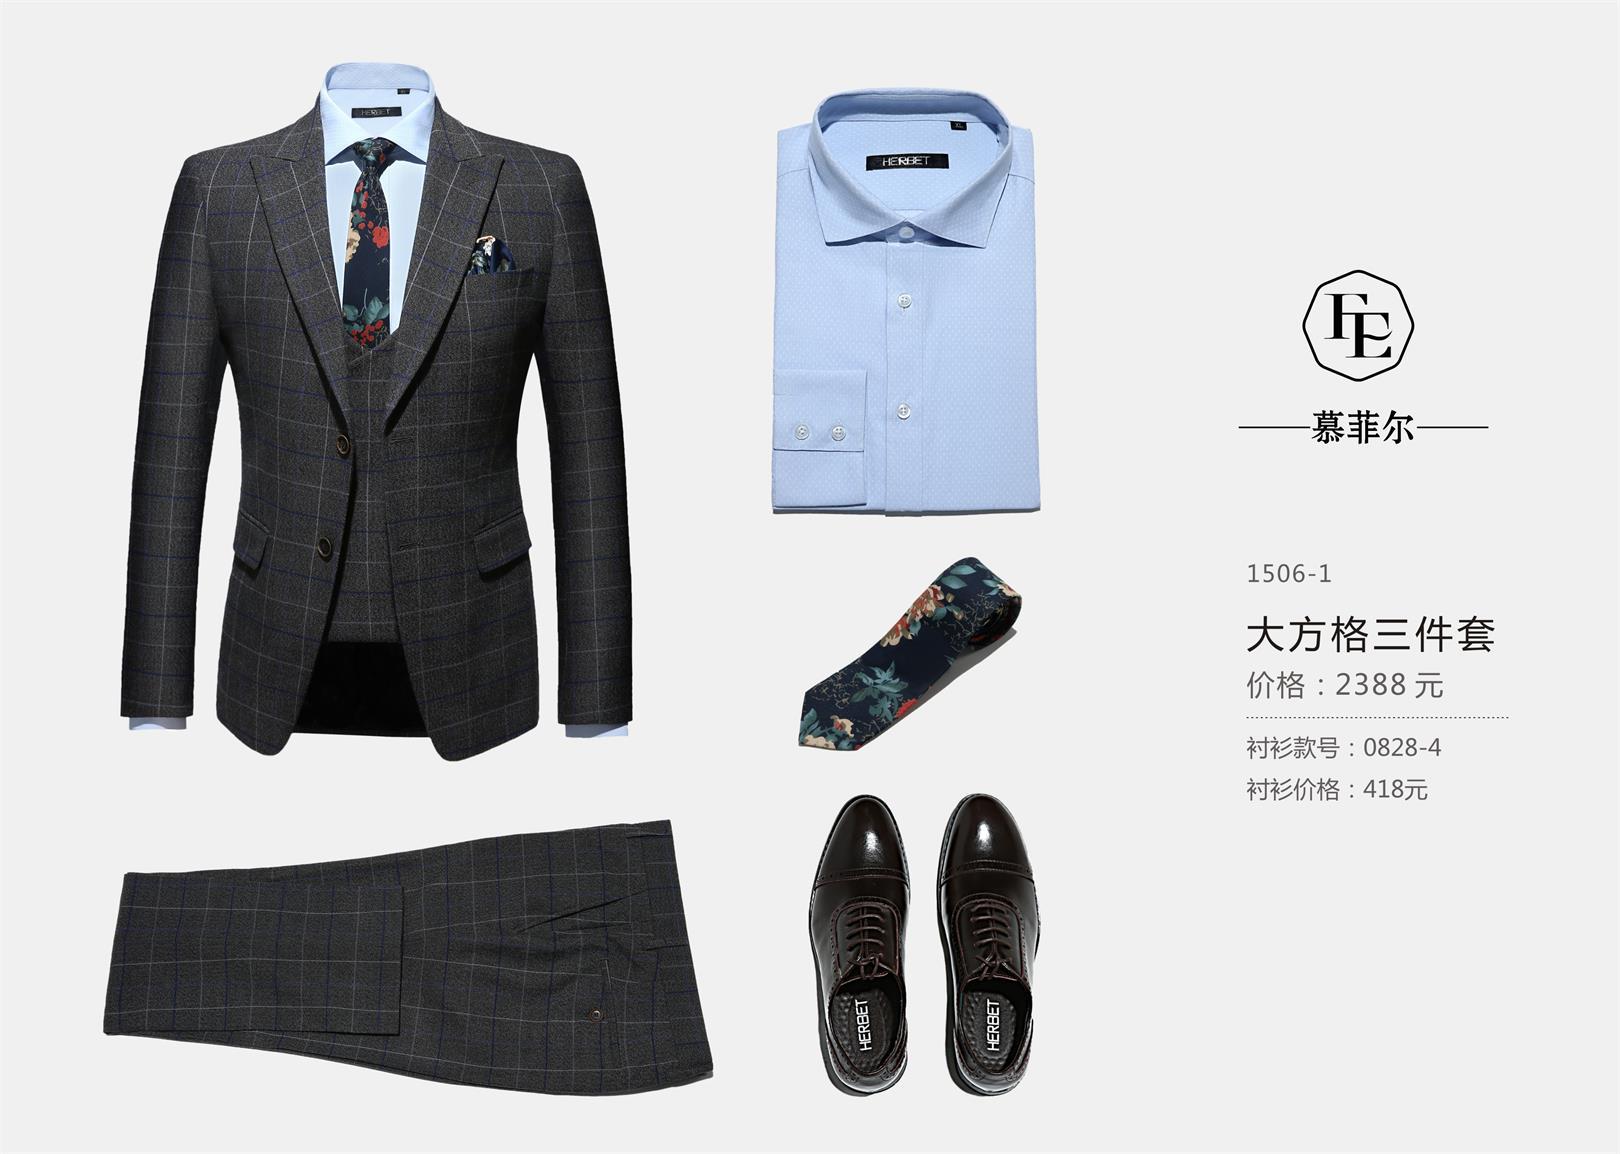 哪里有好的男士礼服定制-男士礼服定制渠道